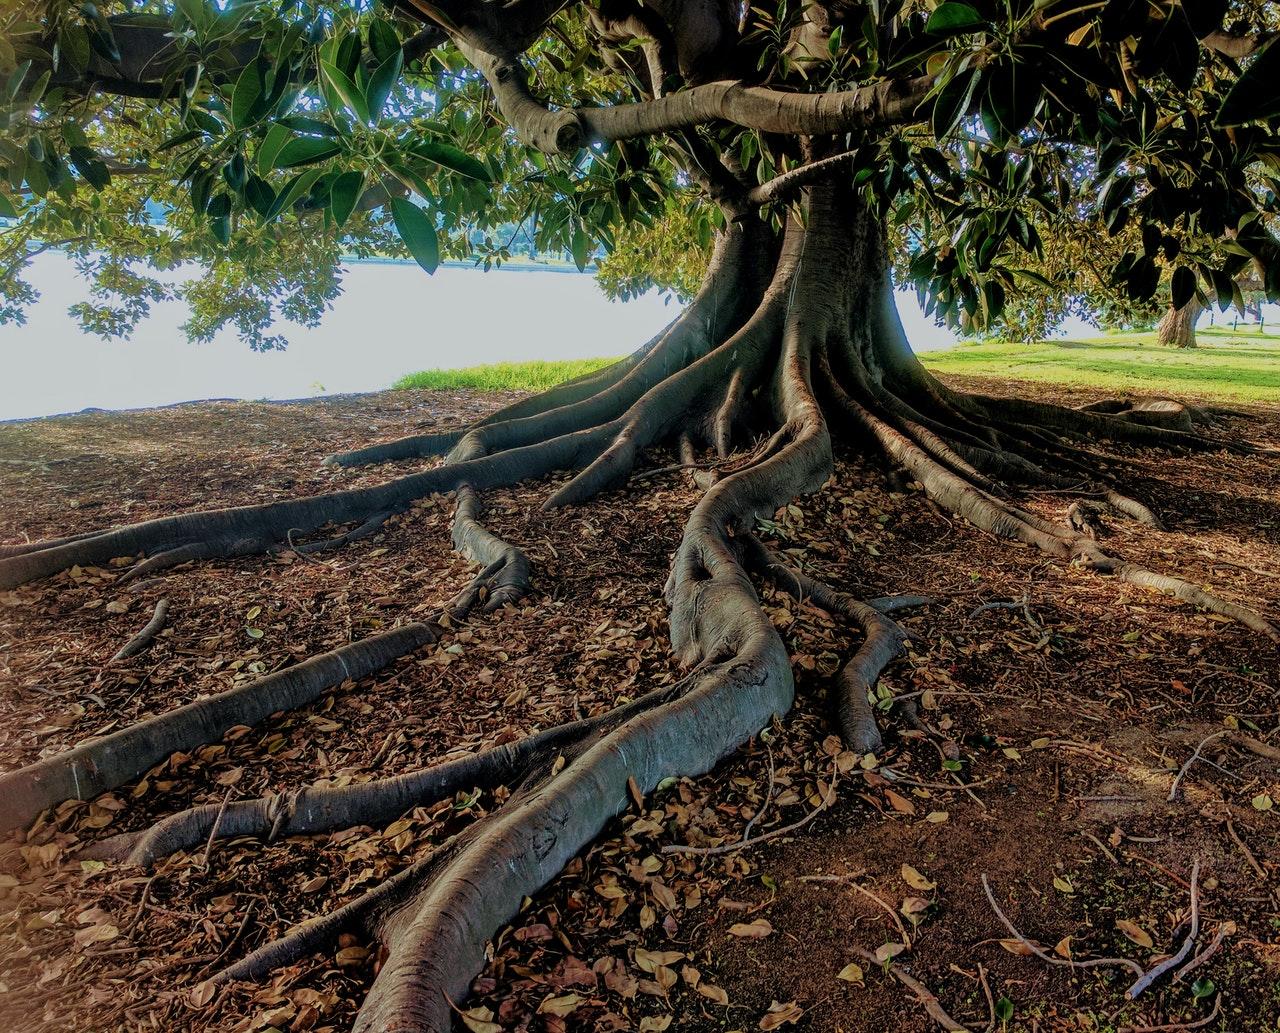 green leaf tree beside body of water